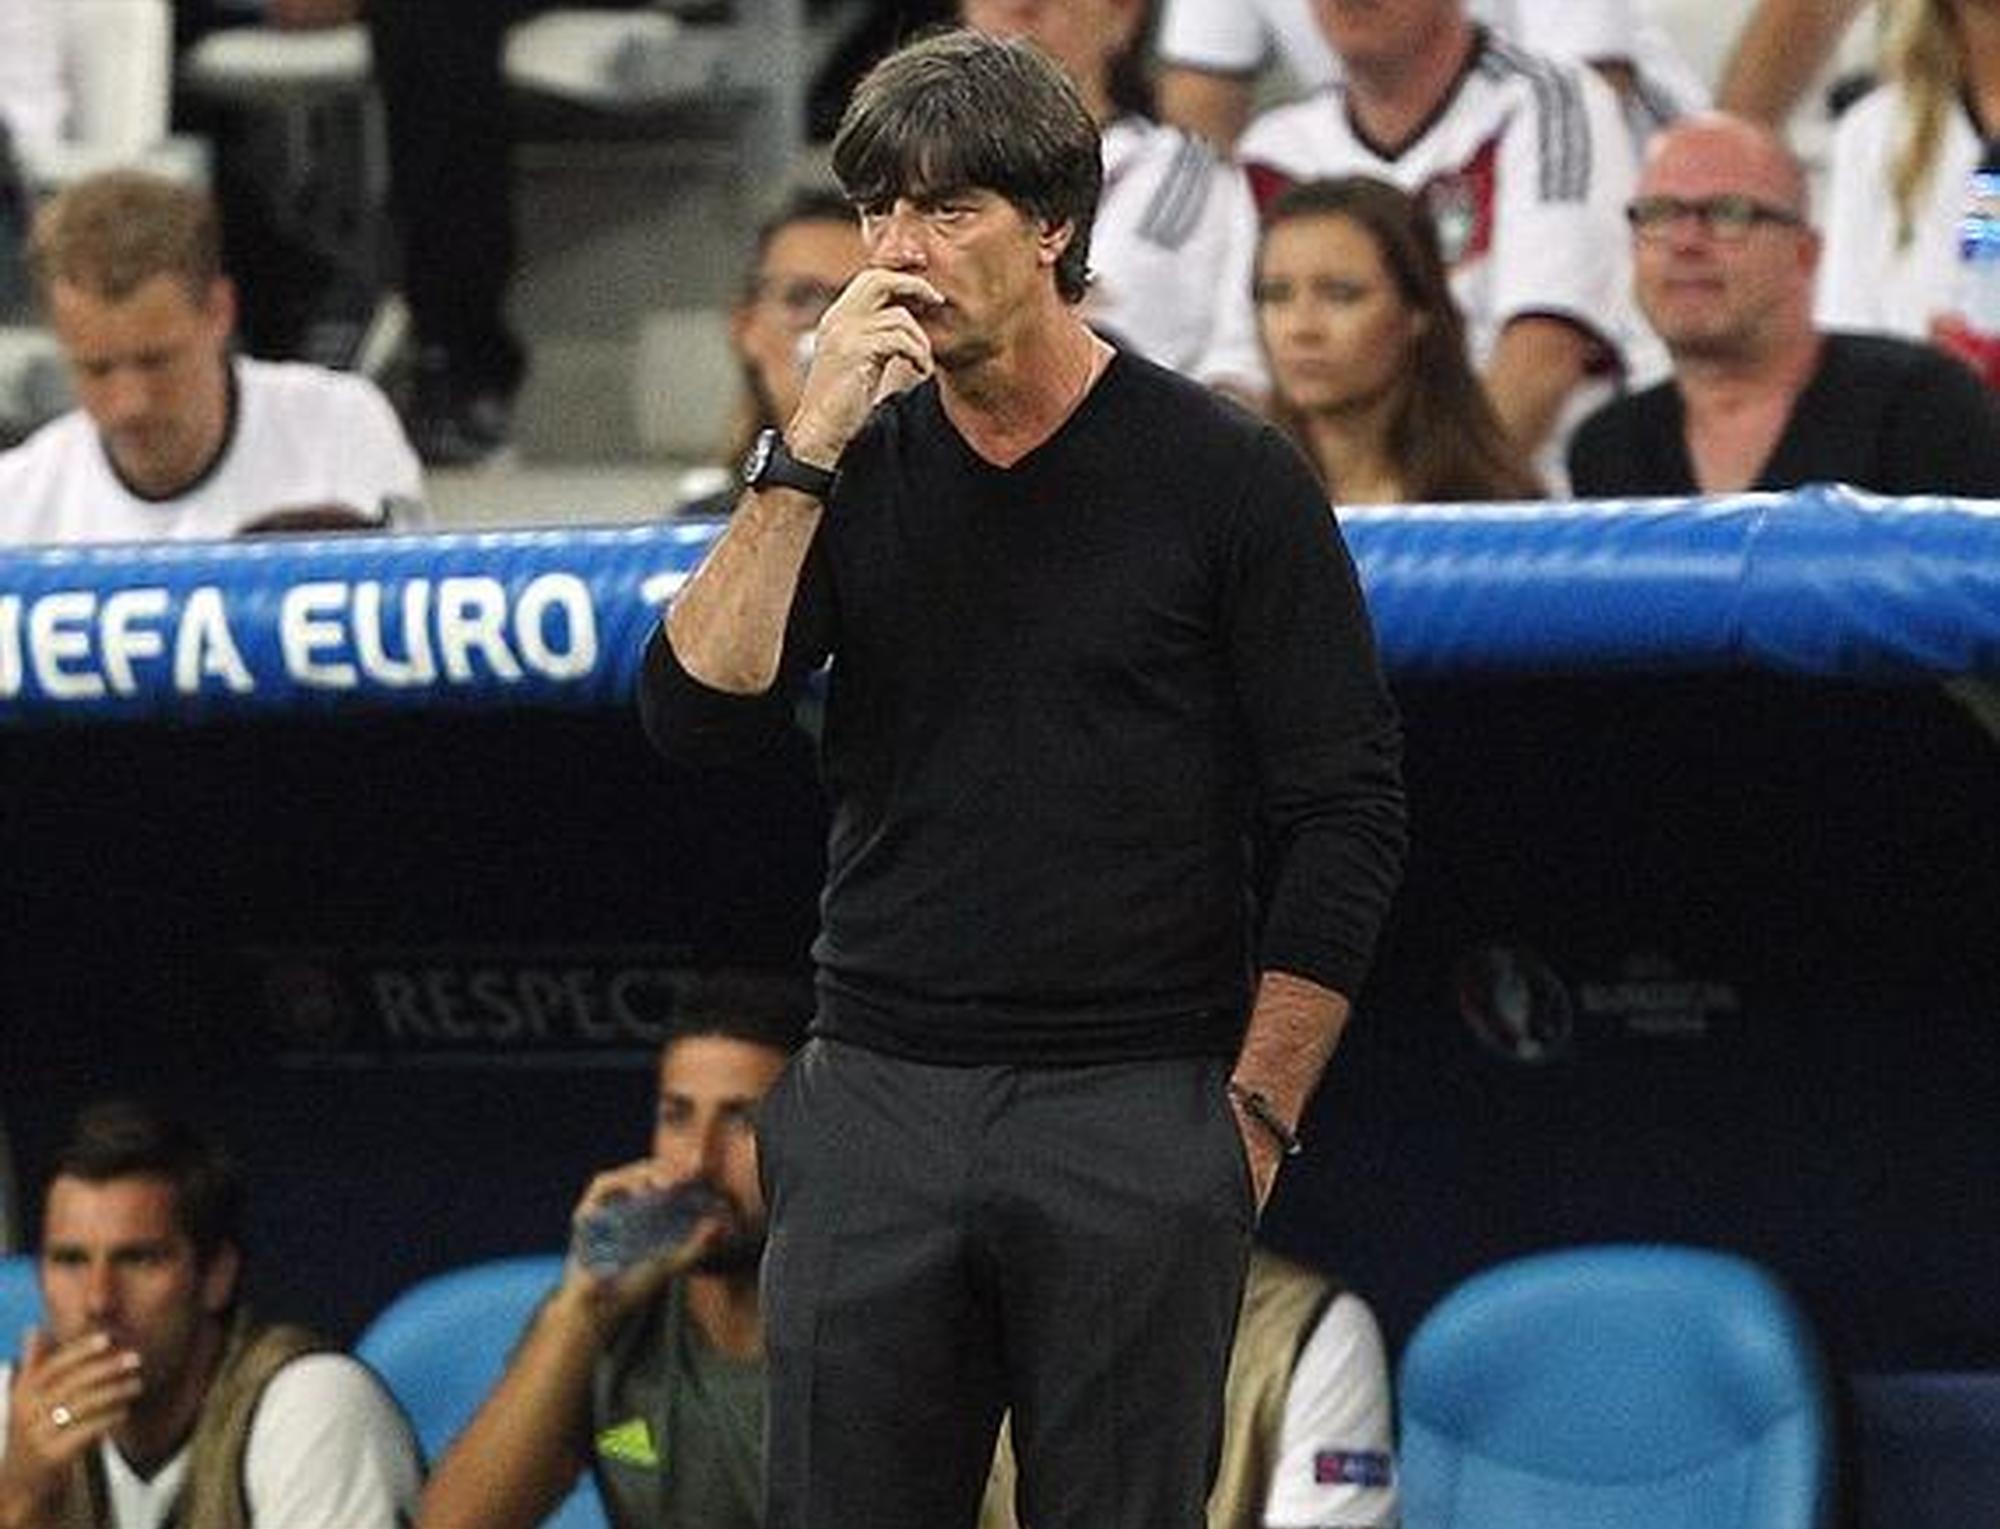 勒夫再度炮轰欧洲杯扩军:比赛没质量 不是好事